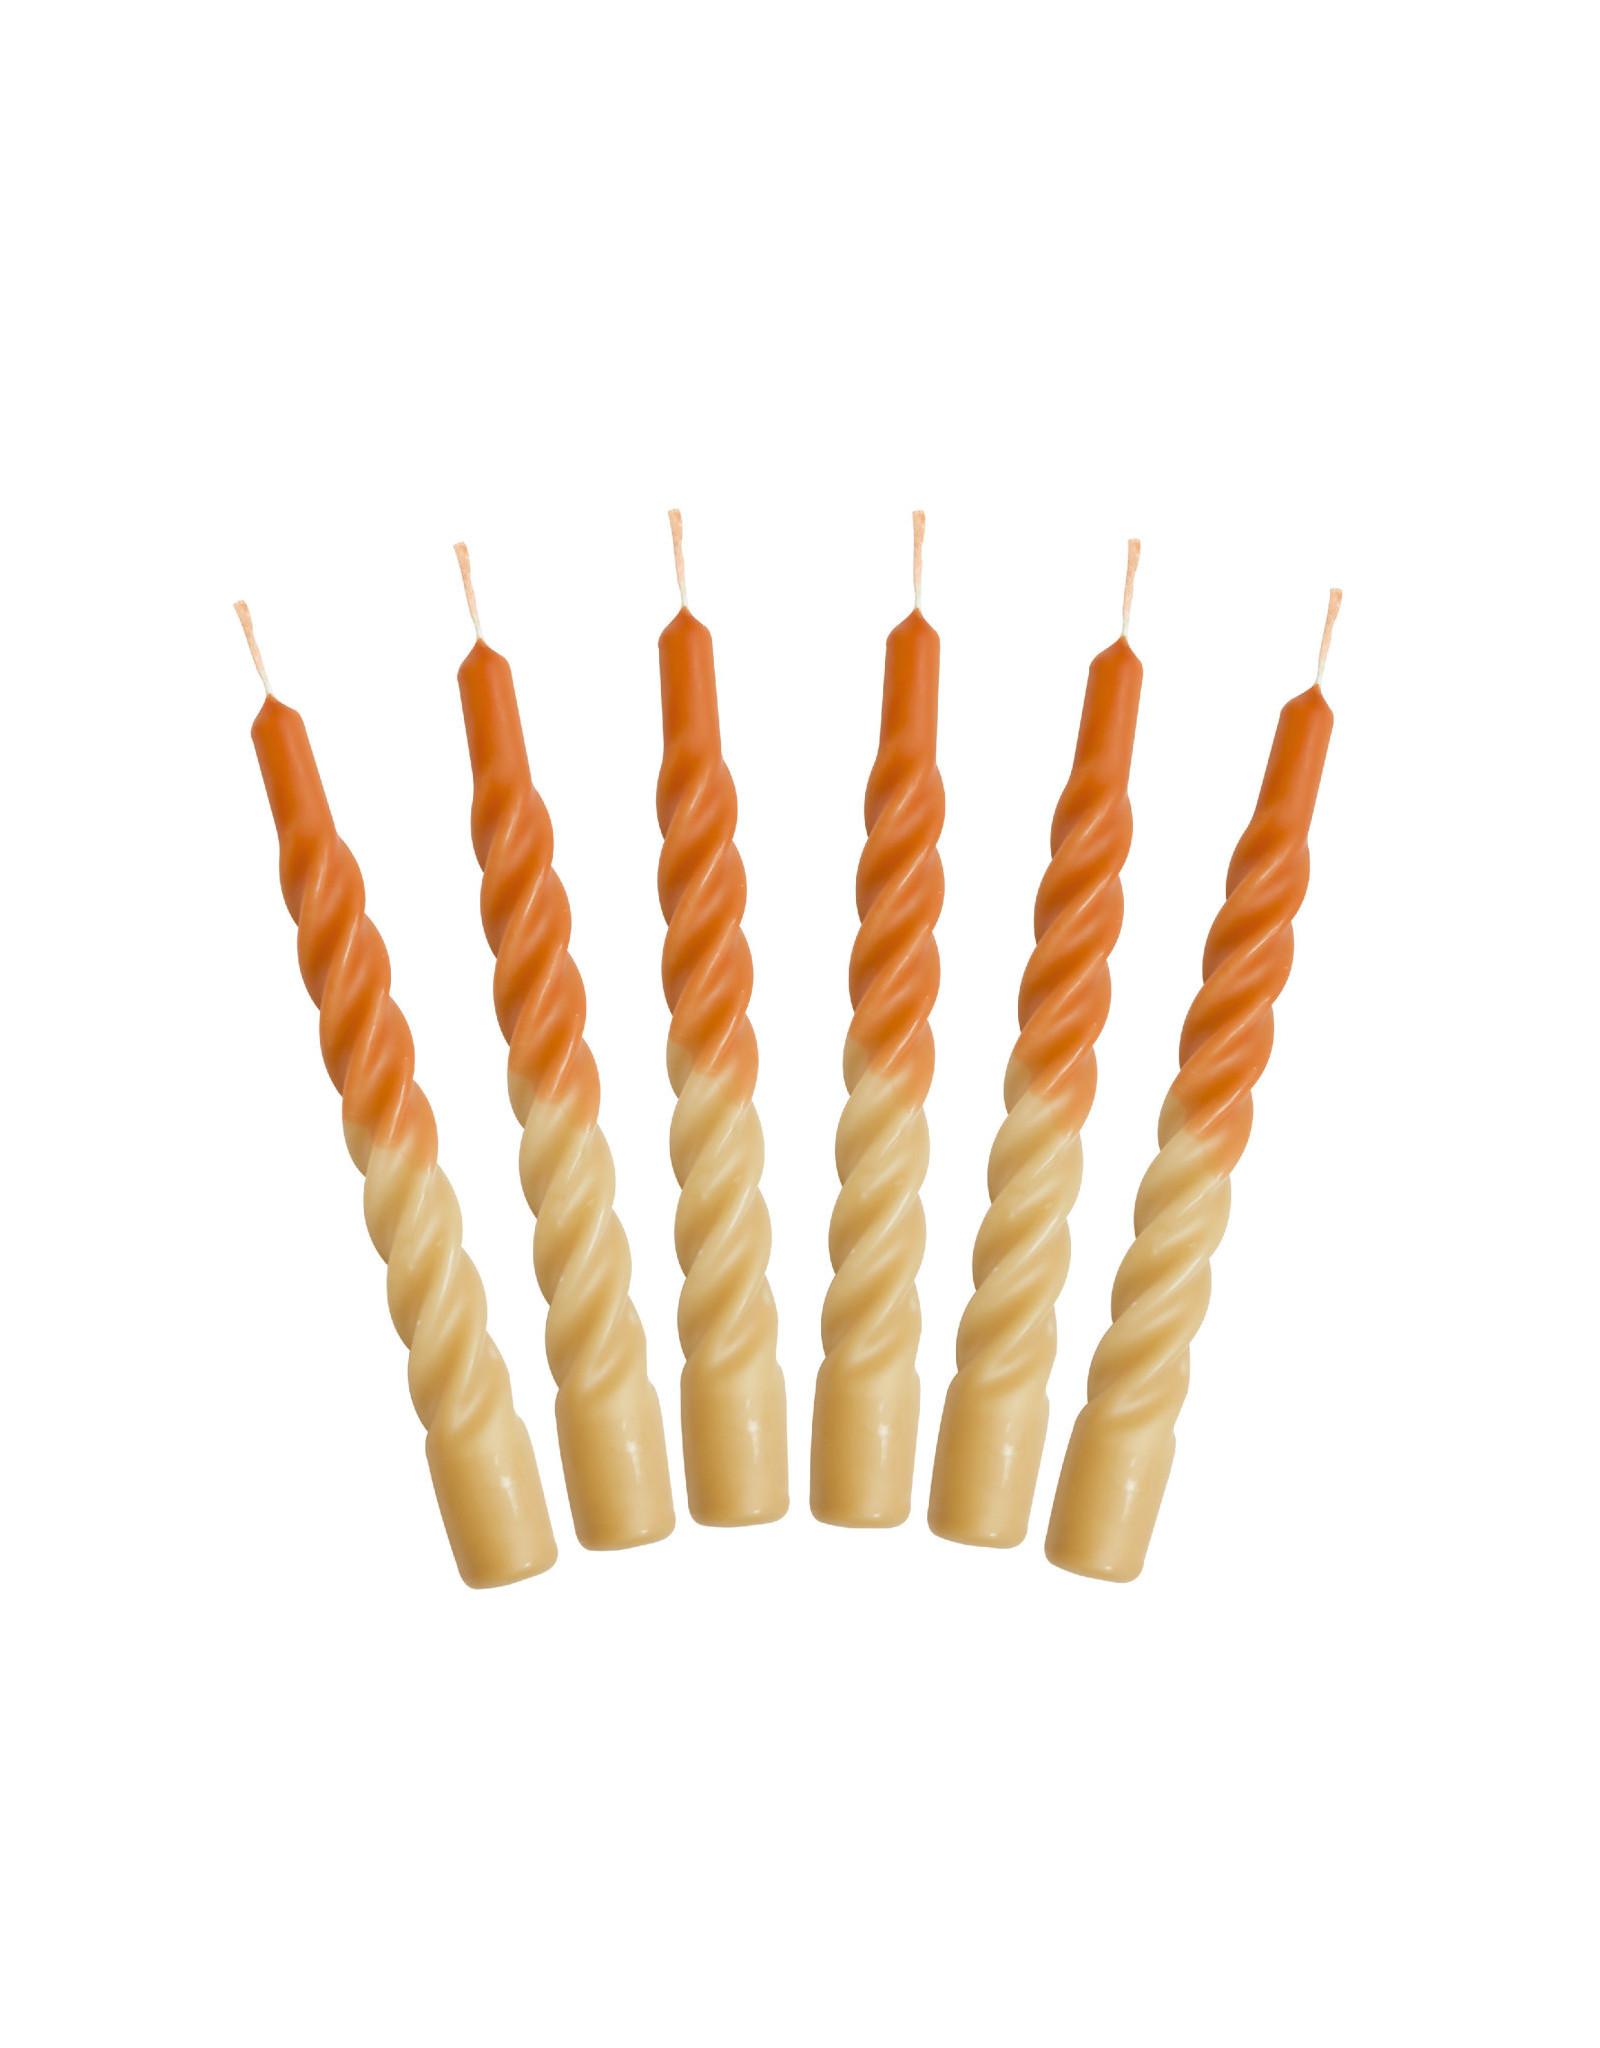 Kunst industrien Kaars met een twist - Multi - Orange/ Yellow - 2st - Ø 2,2 x H 21cm